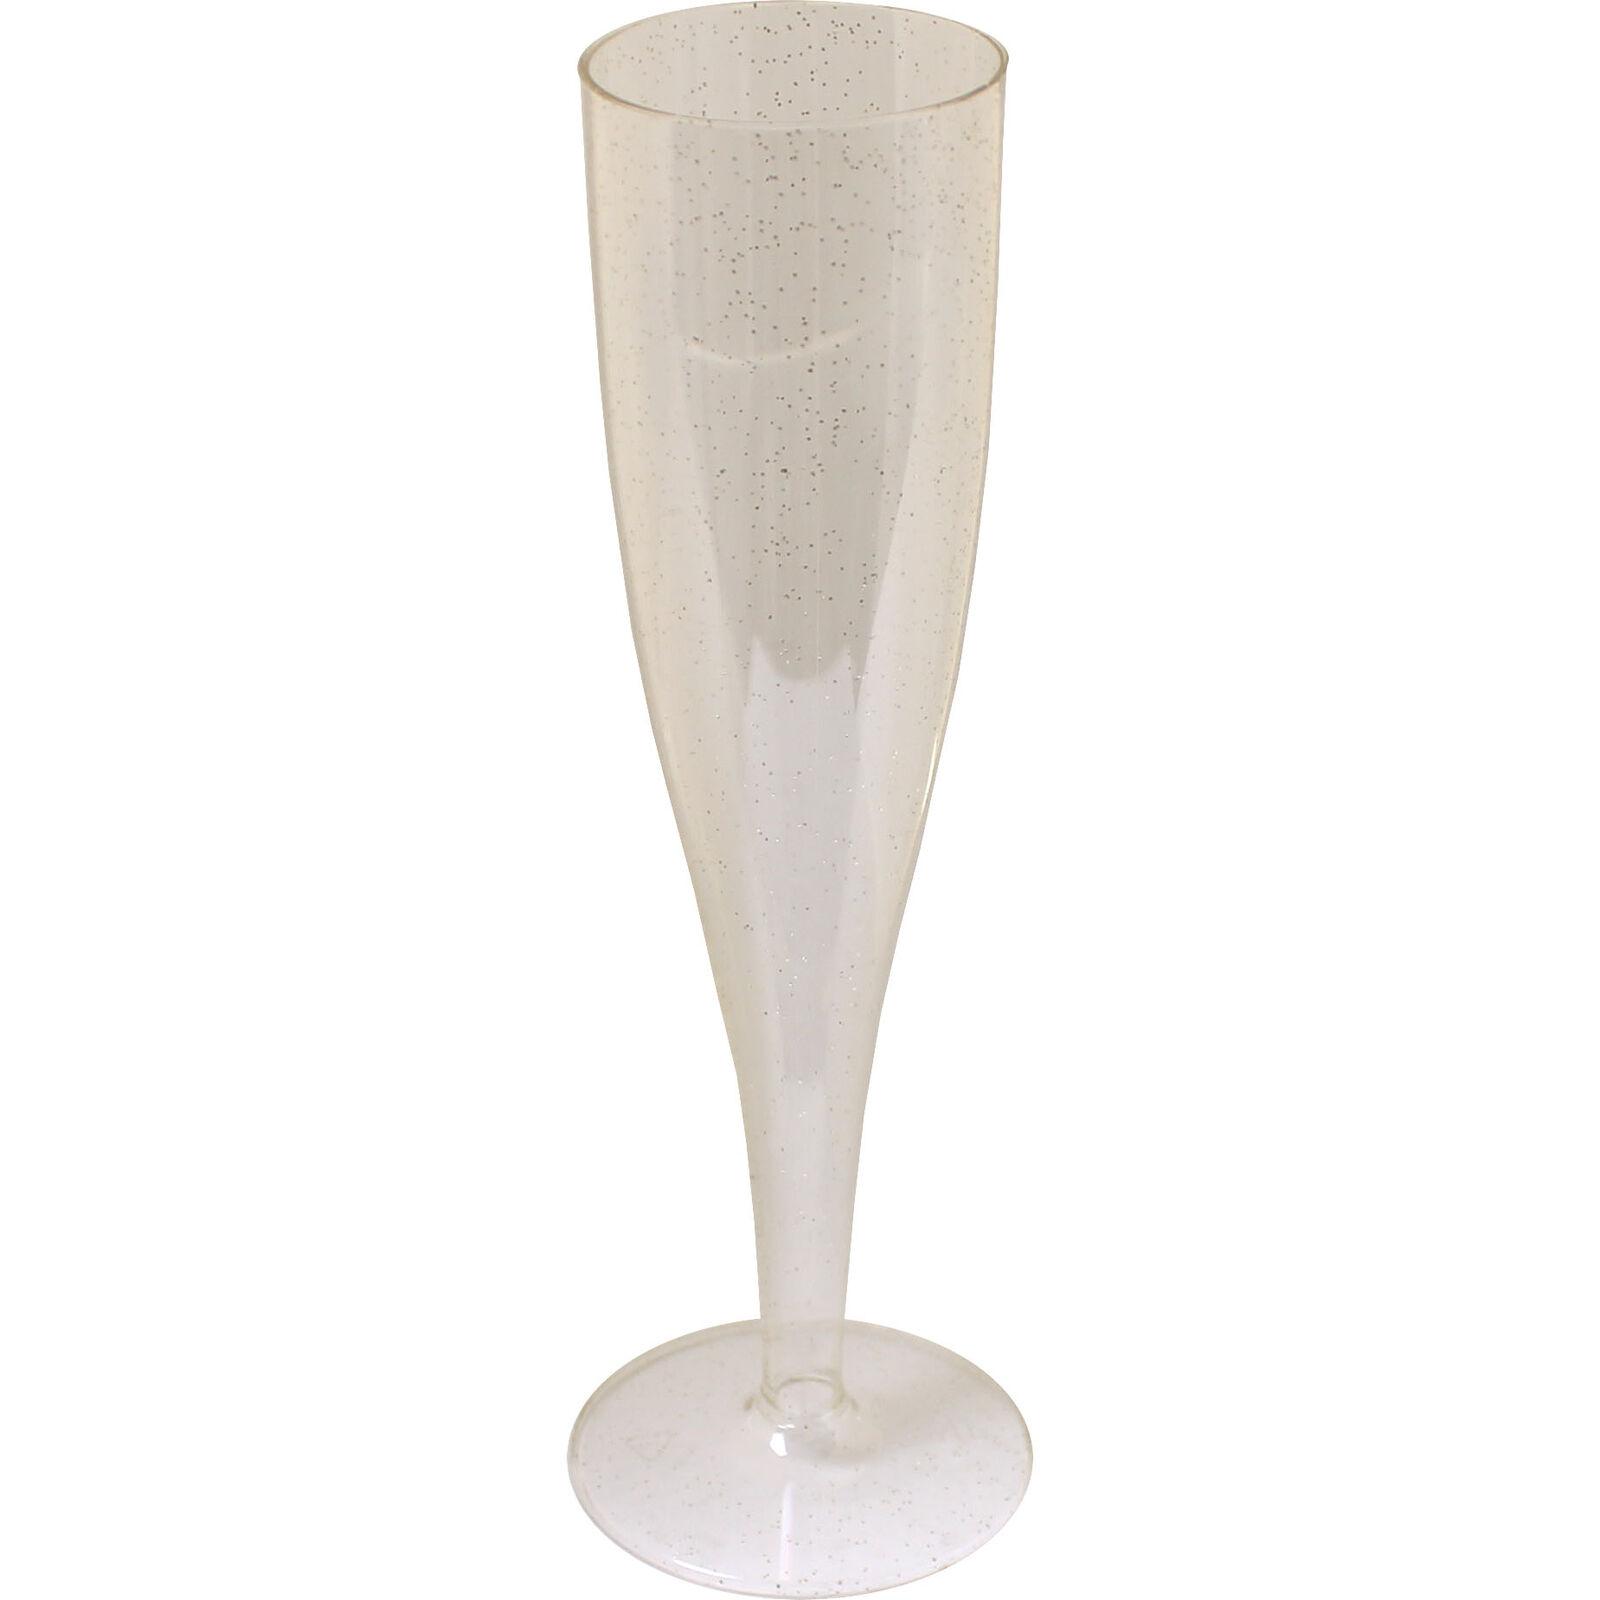 Einteiler Plastik Transparent mit Gold Glitzer Champagner Glas Party Weihnachten